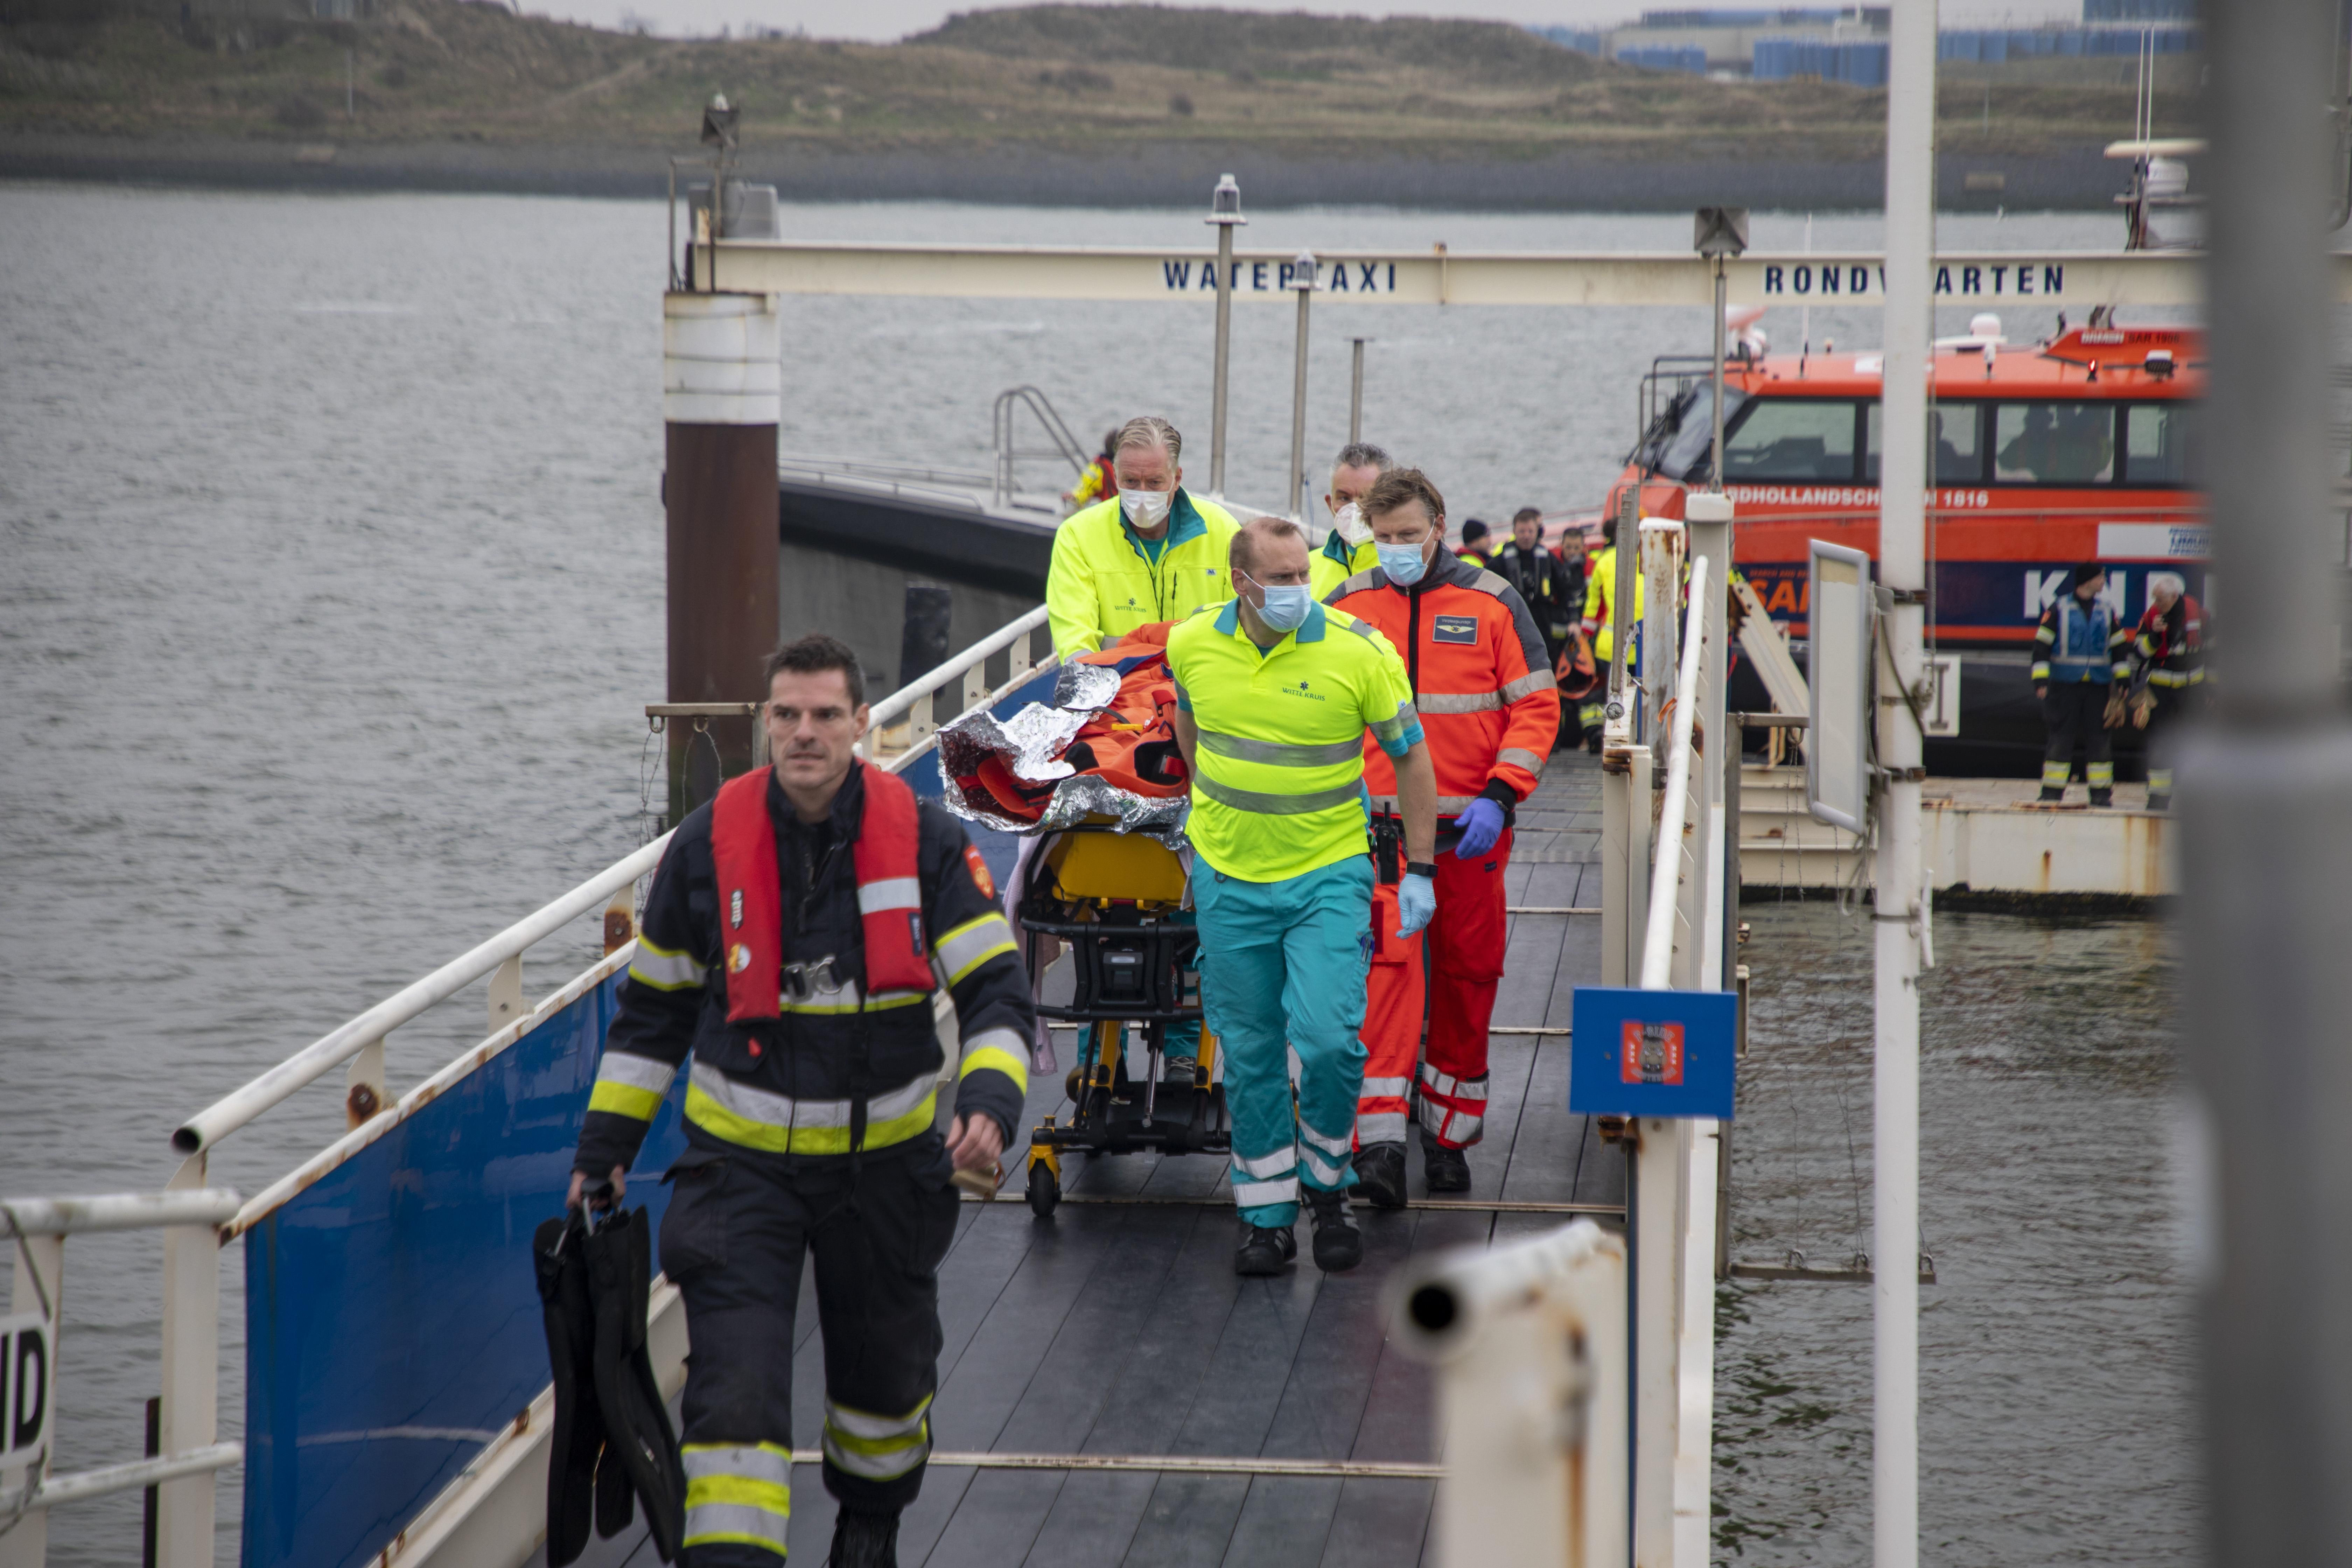 IJmuider Reddingsbrigade dringt opnieuw aan op veiligheidshek bij Noordpier, na zoveelste incident met te water geraakte hond én wandelaar